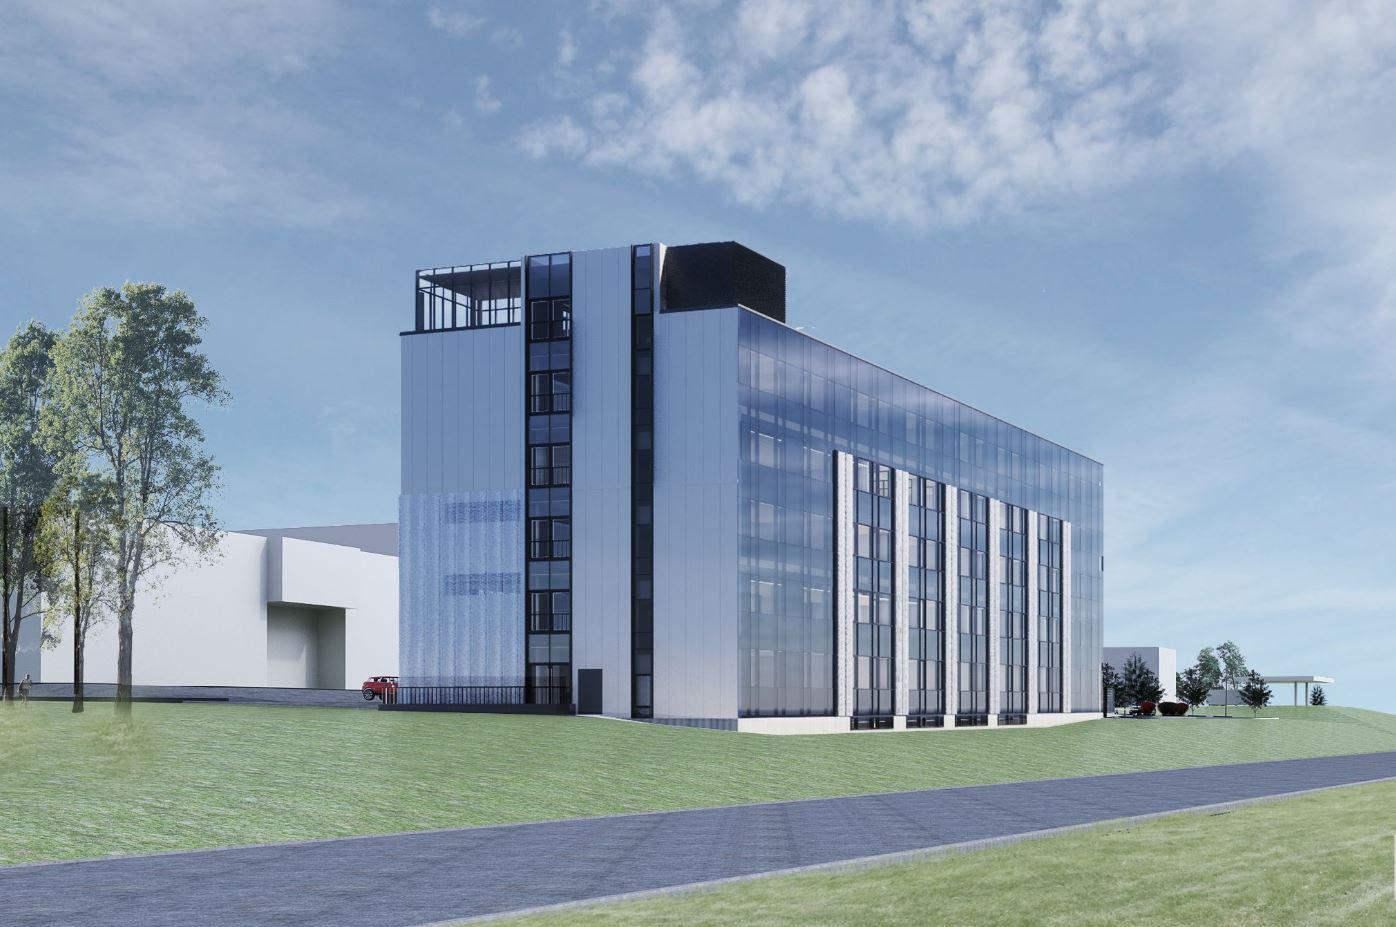 Visorių informacinių technologijų parke pradedamos naujo mokslinių tyrimų, eksperimentinės plėtros ir inovacijų (MTEPI) centro statybos